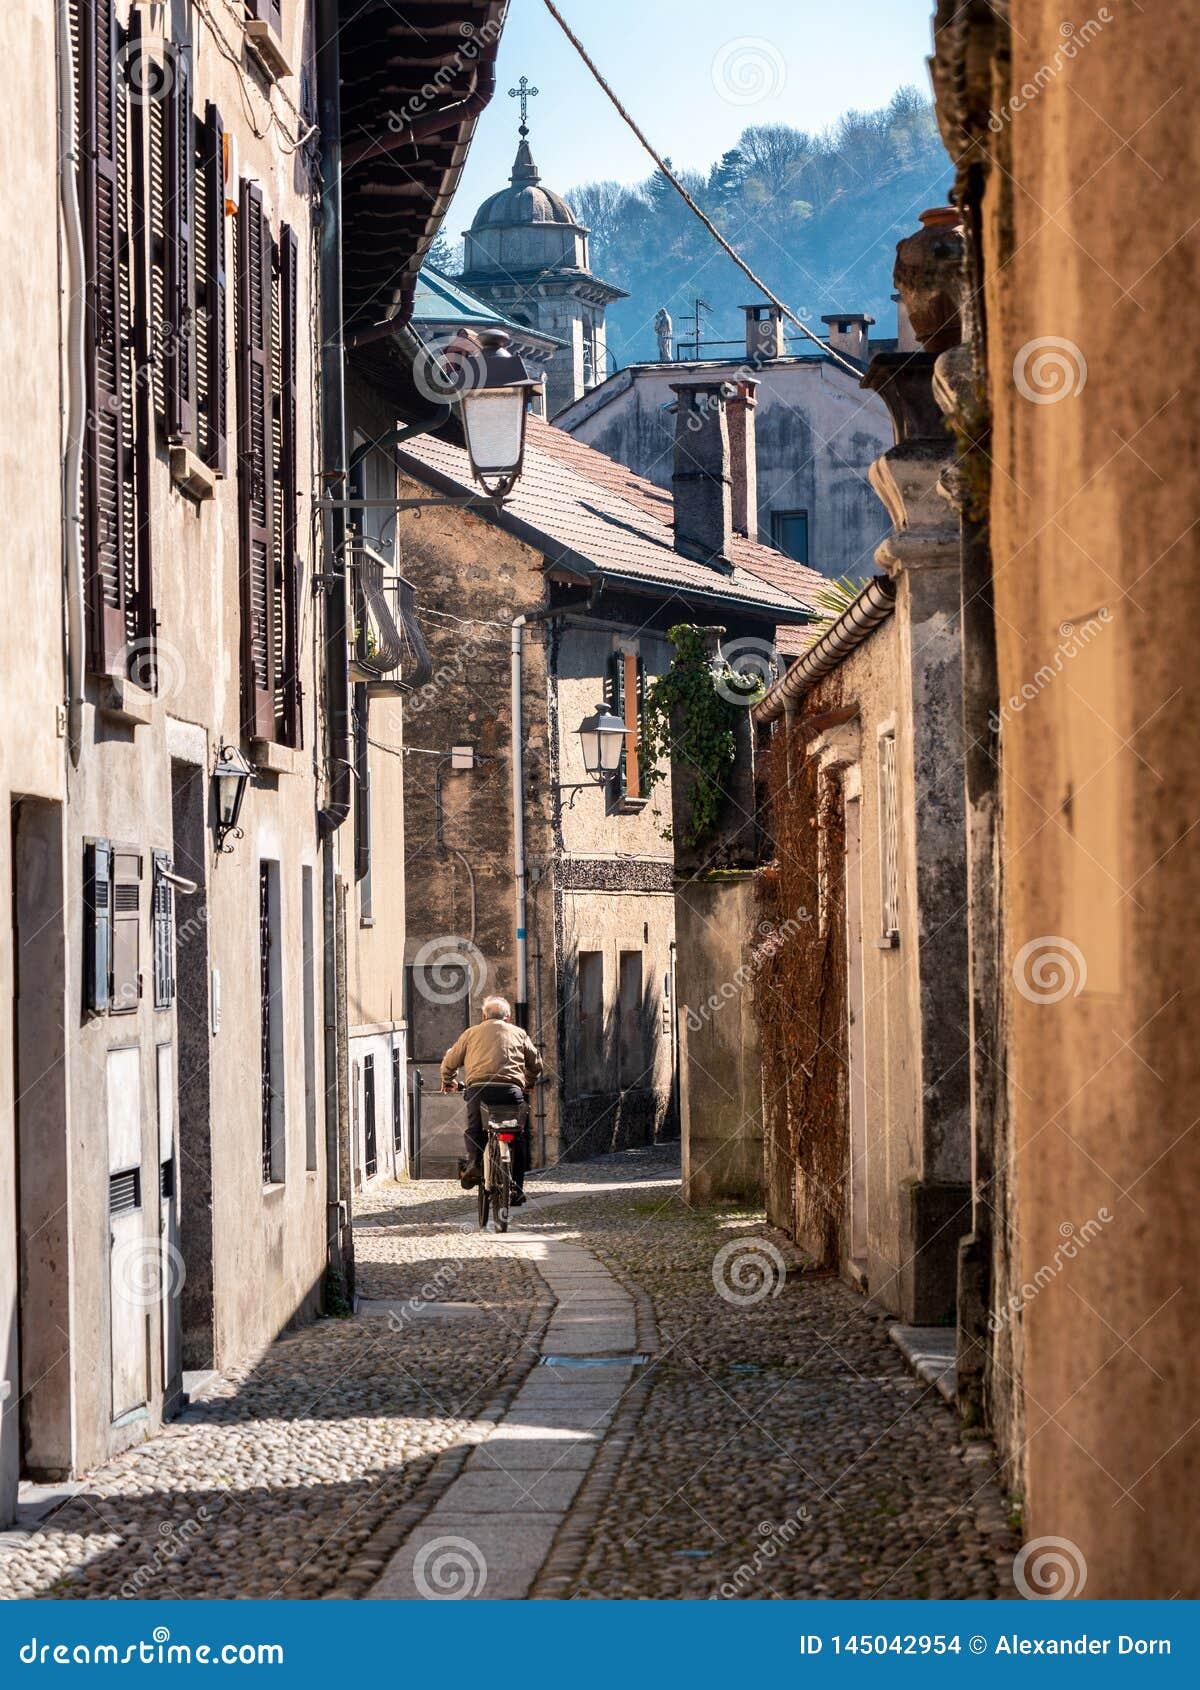 Bild des alten Mannes von hinten das Radfahren durch schmale Straße in einer italienischen alten Stadt